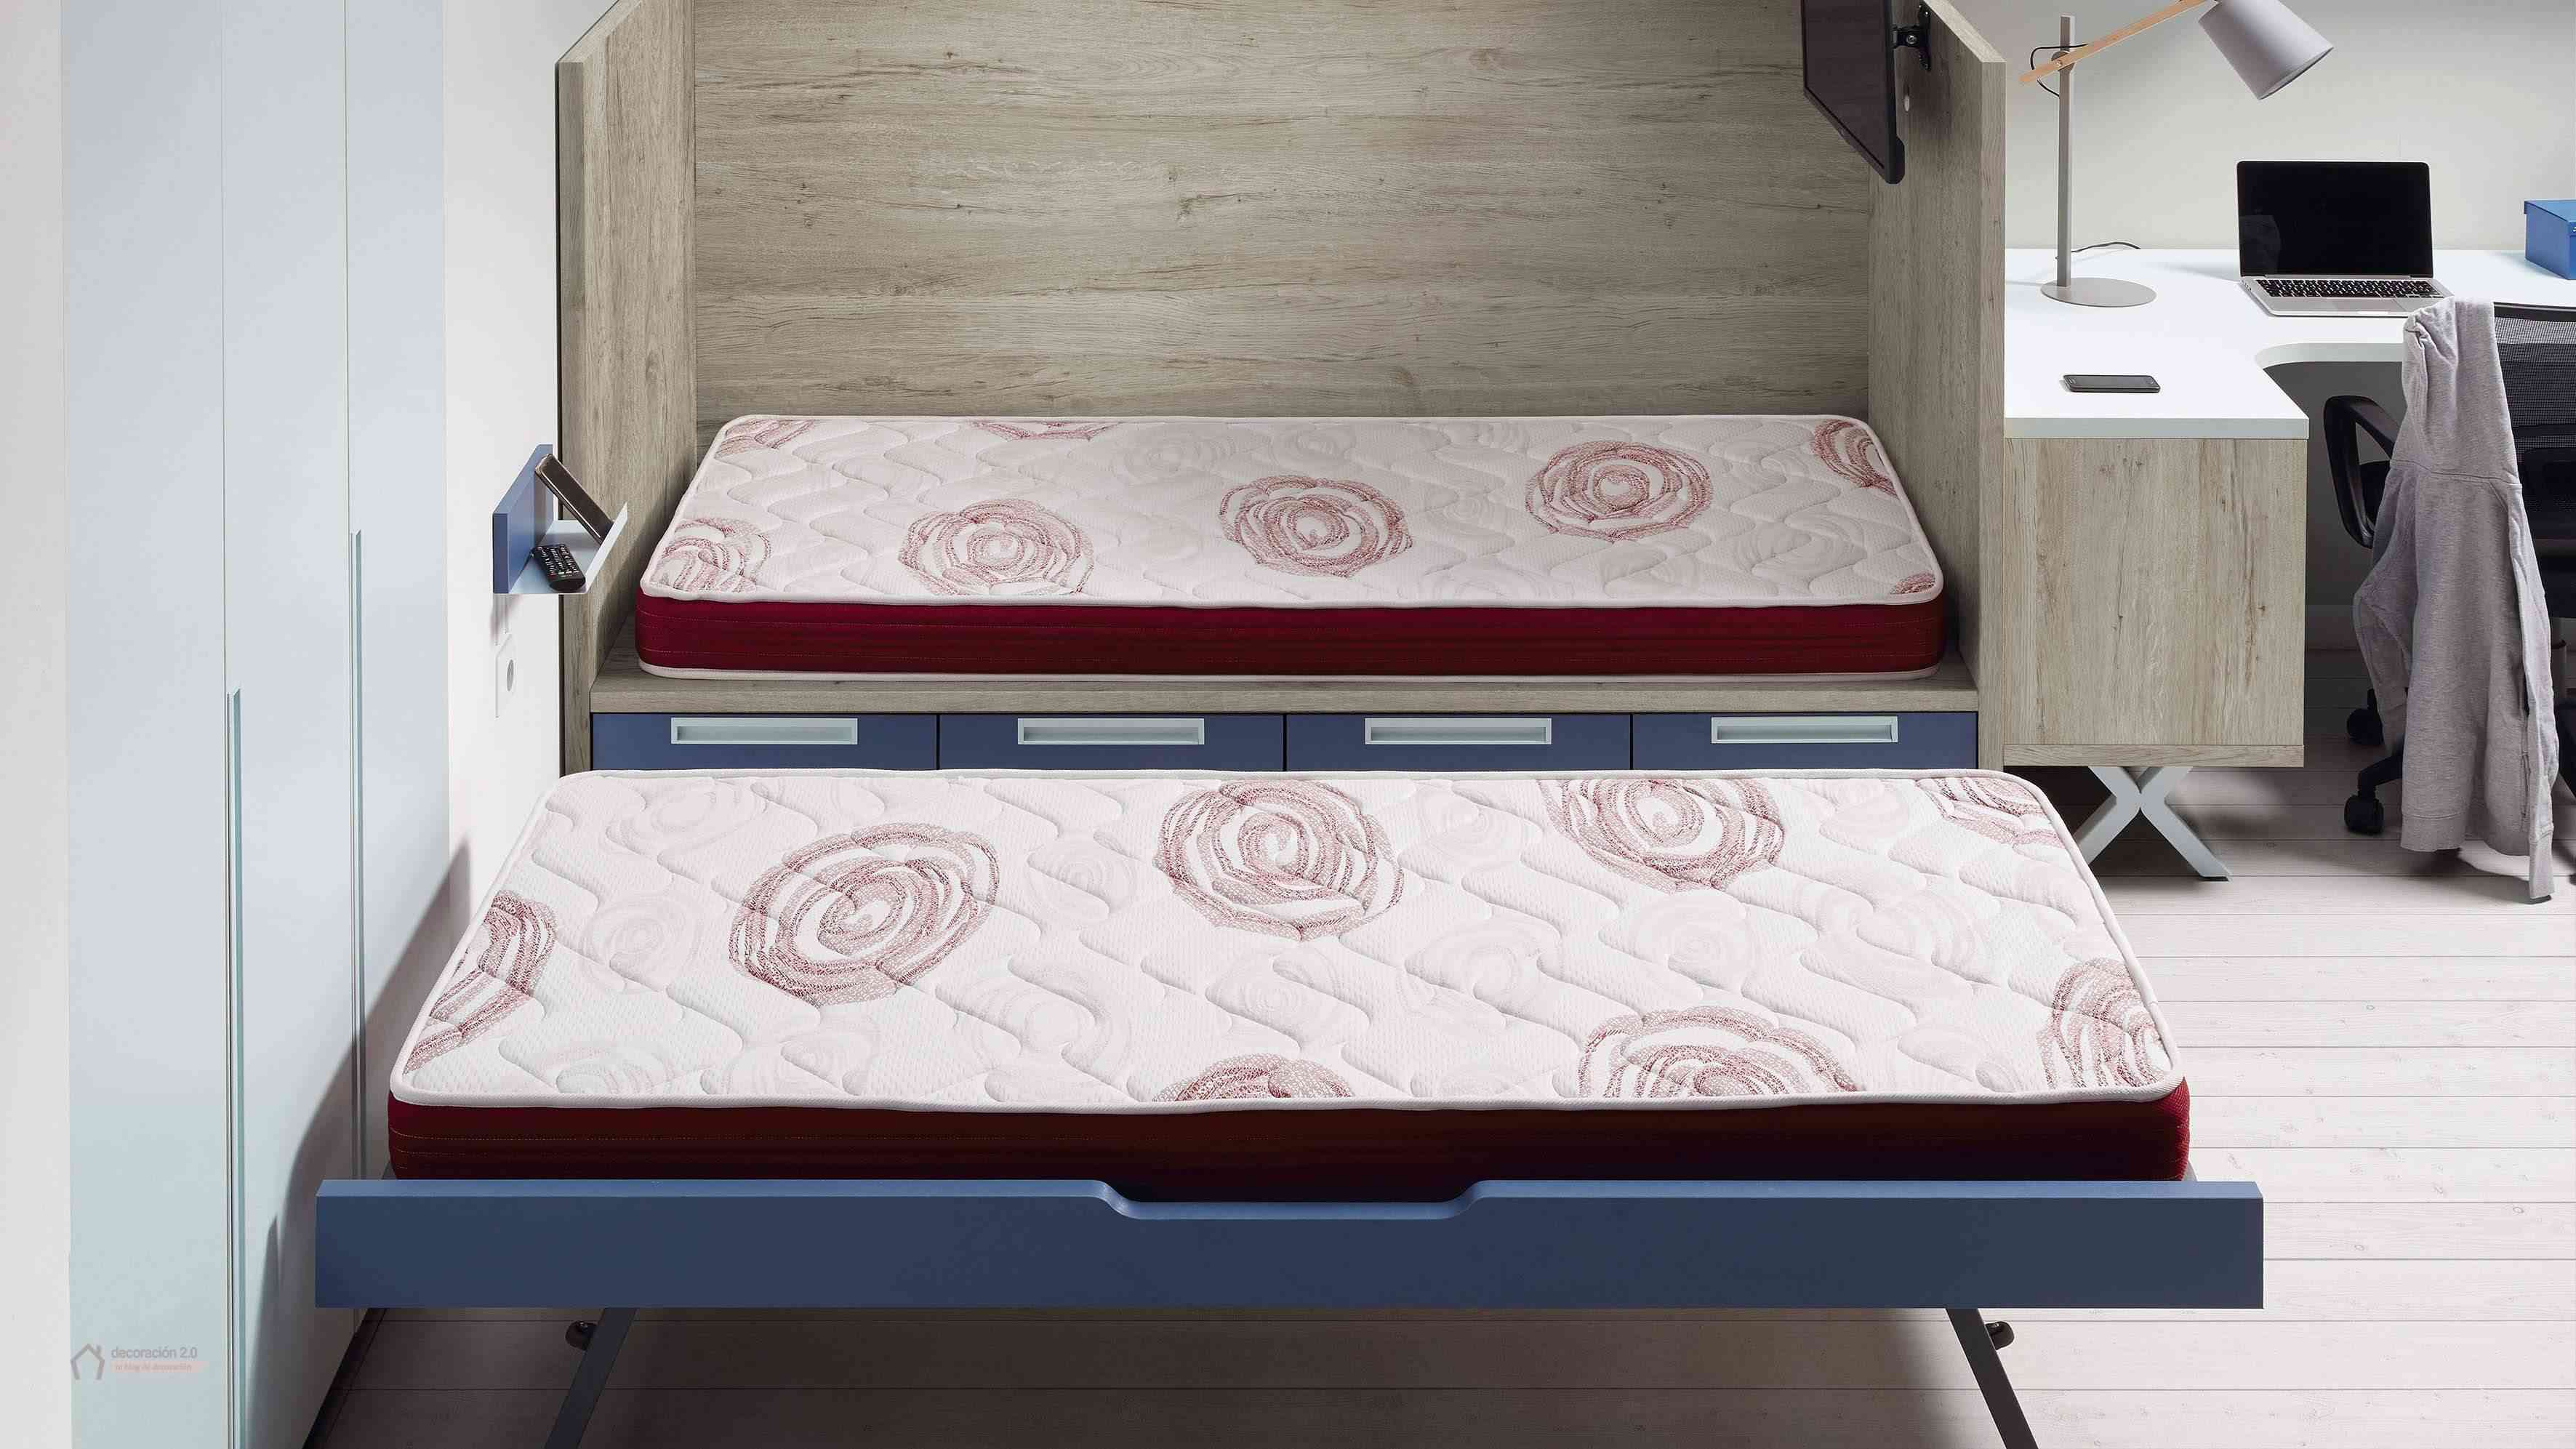 Dormitorios muy tecnológicos que siguen el ritmo de niños y jóvenes 23